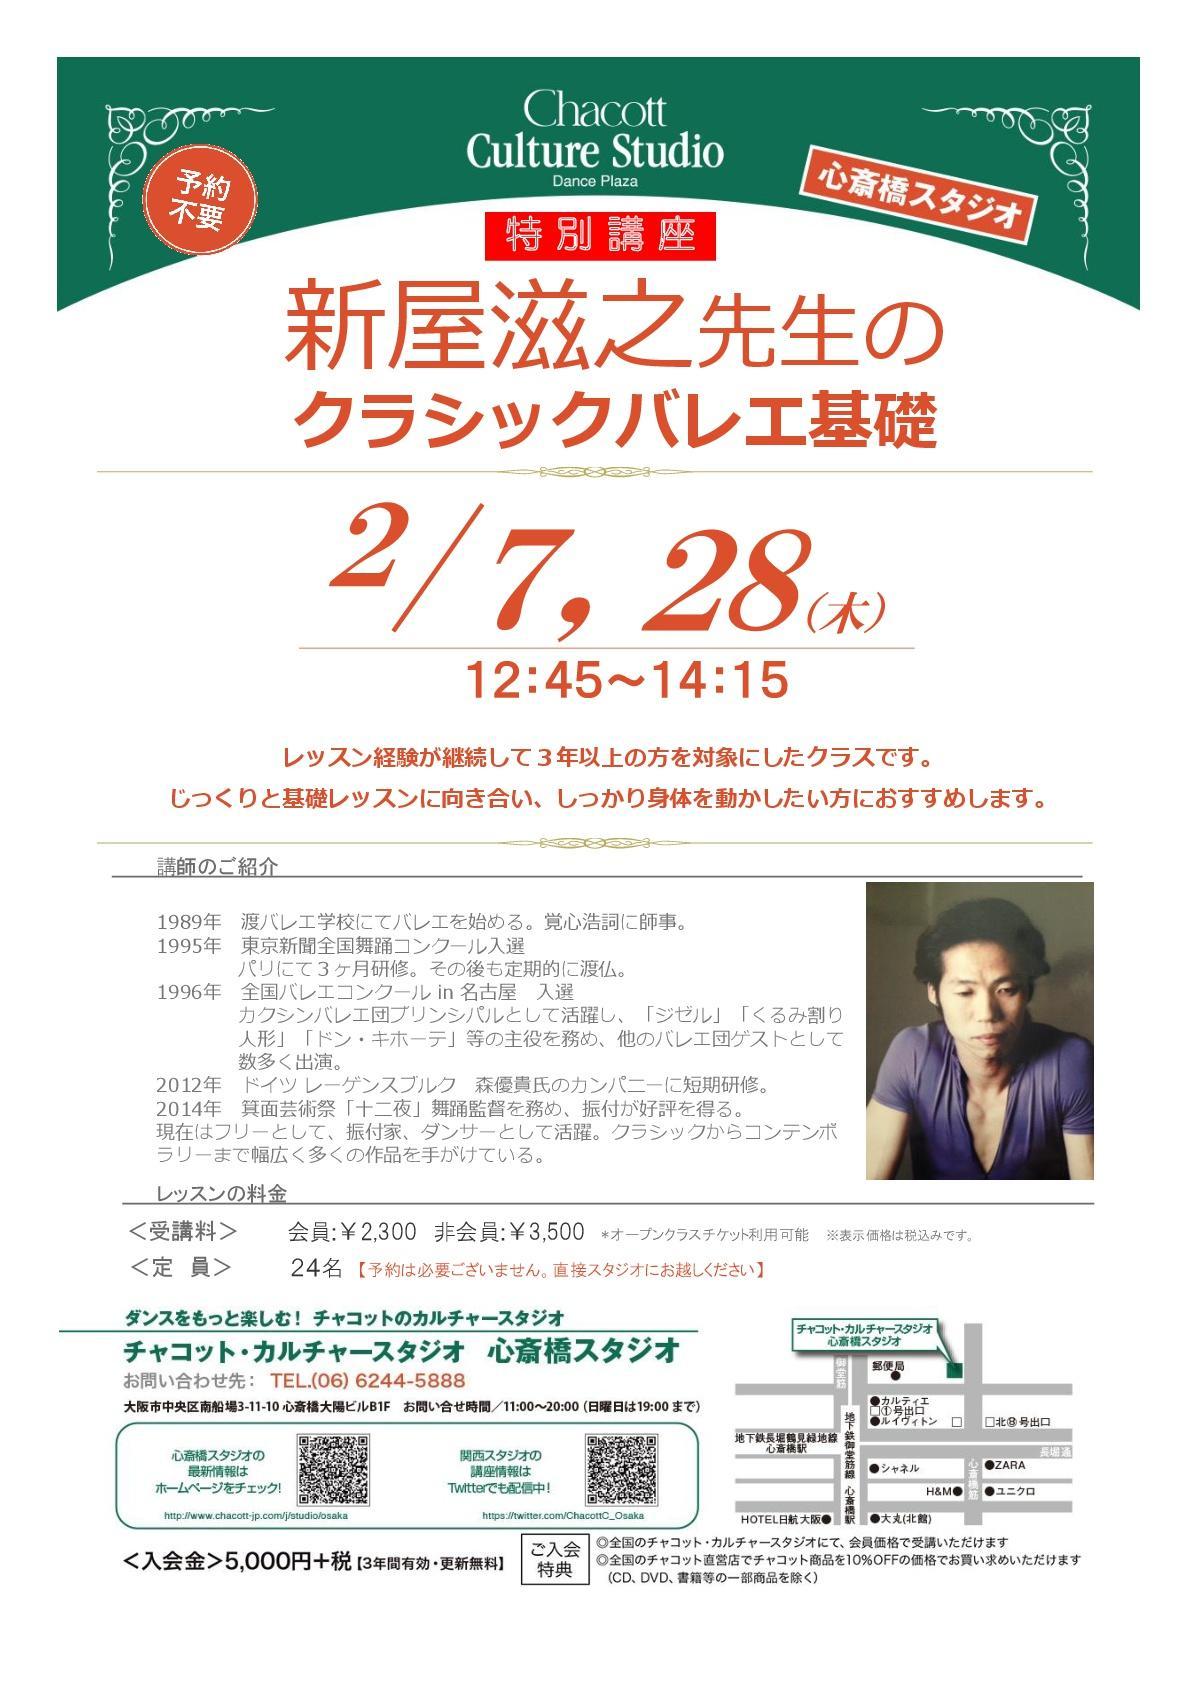 shinsaibashiS_niya_190207.jpg